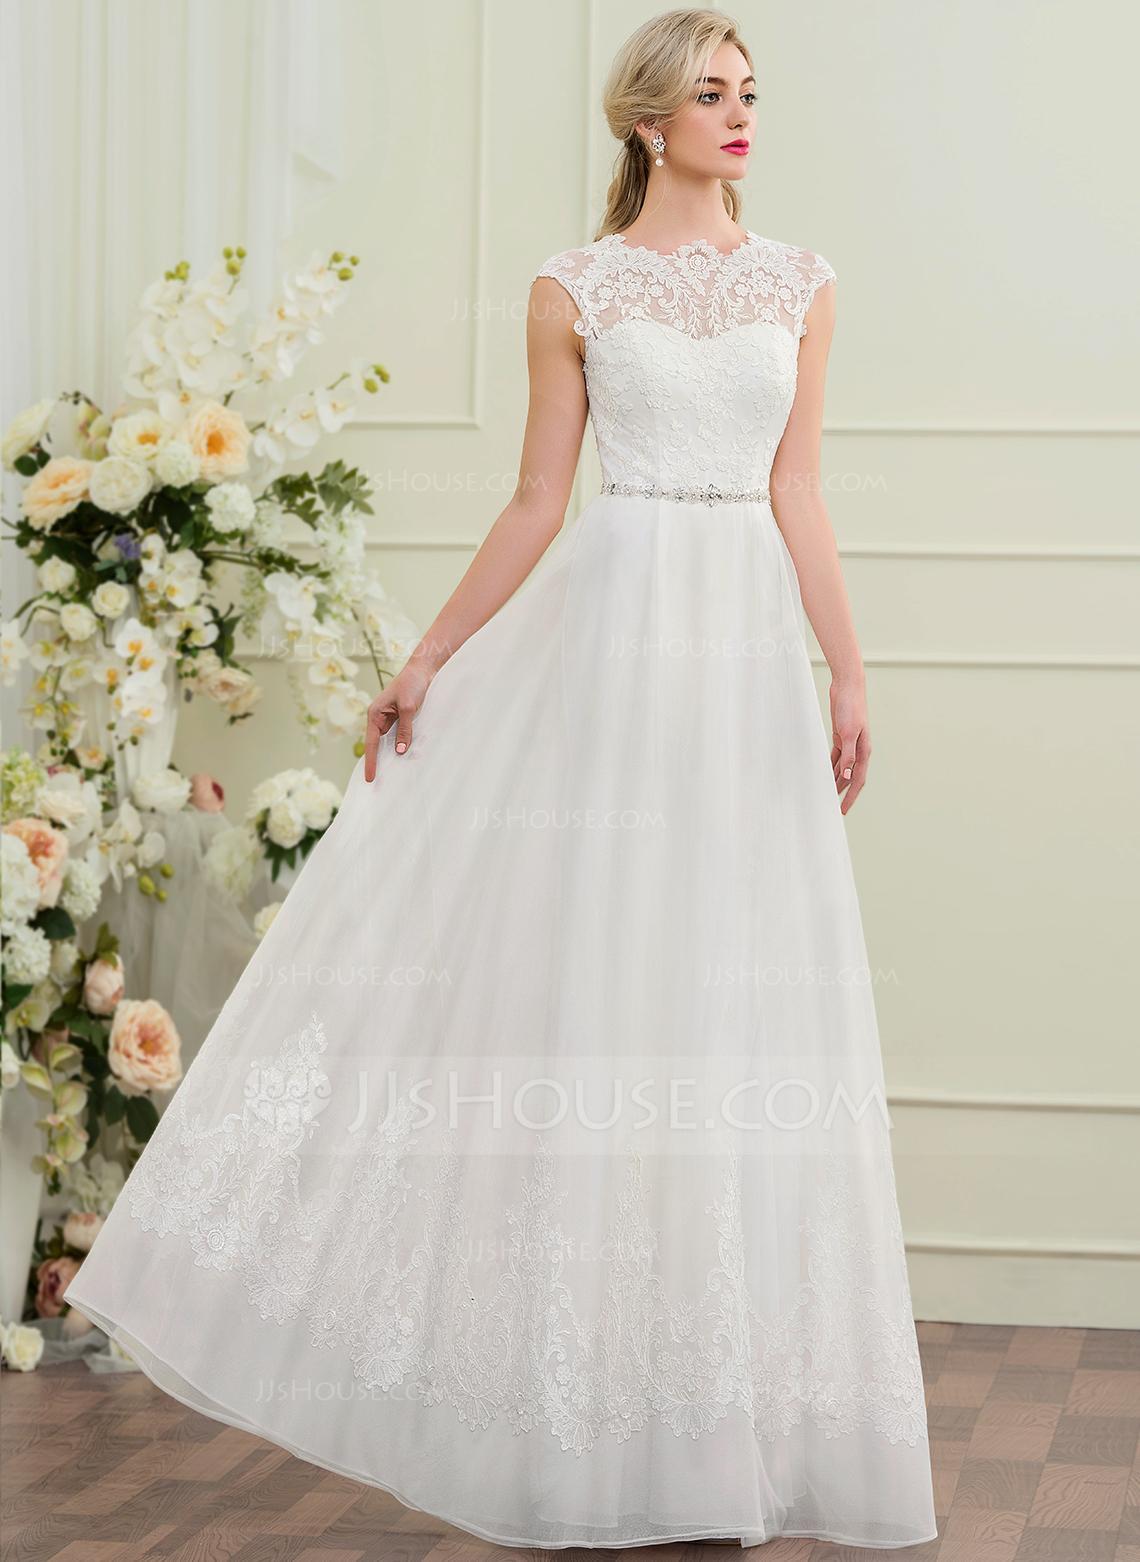 Svatební šaty s kamínkovým páskem - Obrázek č. 1